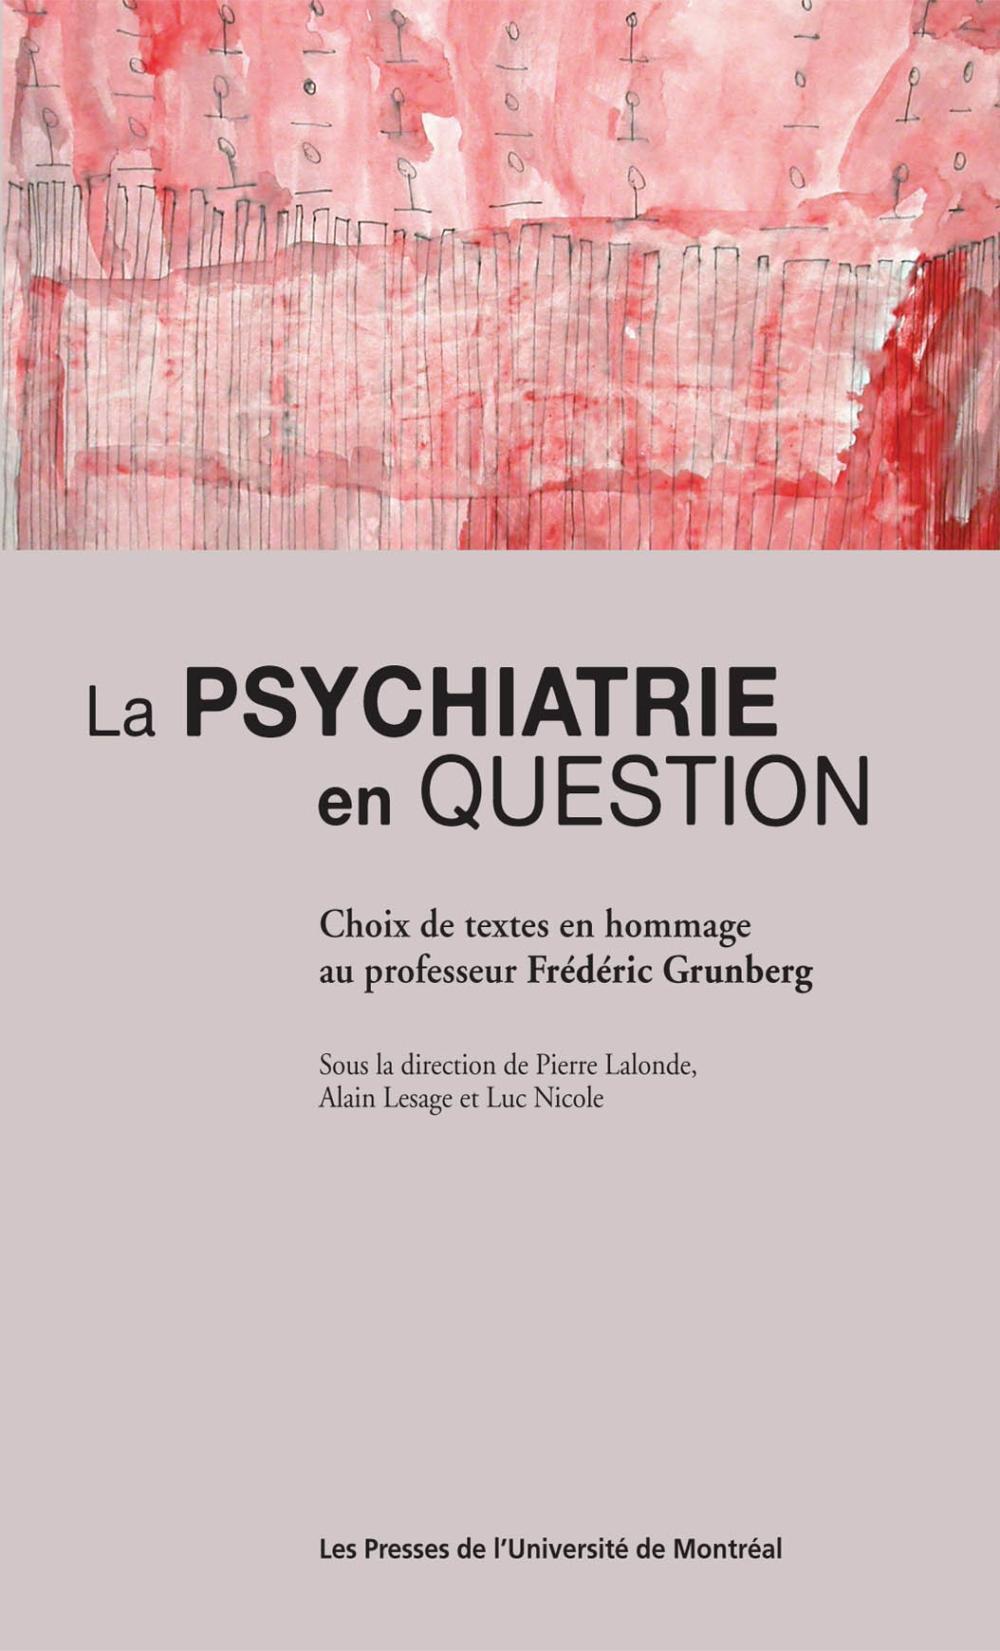 La psychiatrie en question. Choix de textes en hommage au professeur Frédéric Grunberg